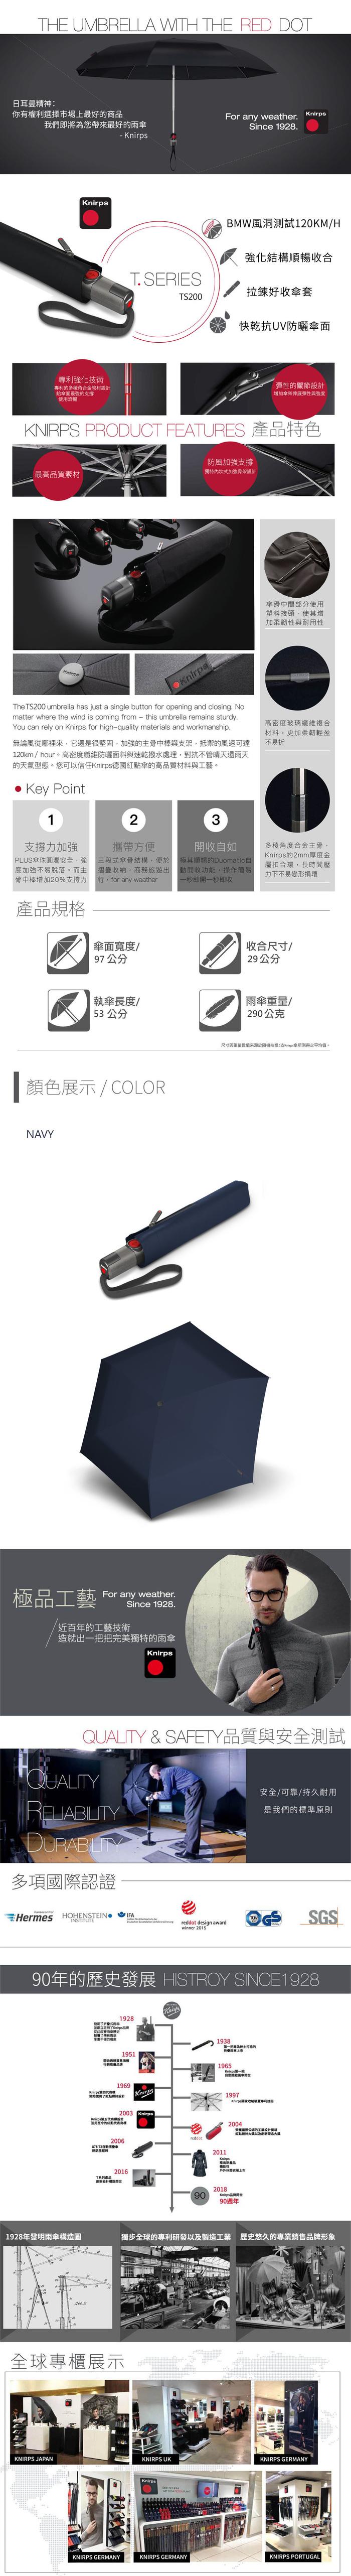 (複製)Knirps®德國紅點傘 TS.200 輕薄自動開收傘-Red